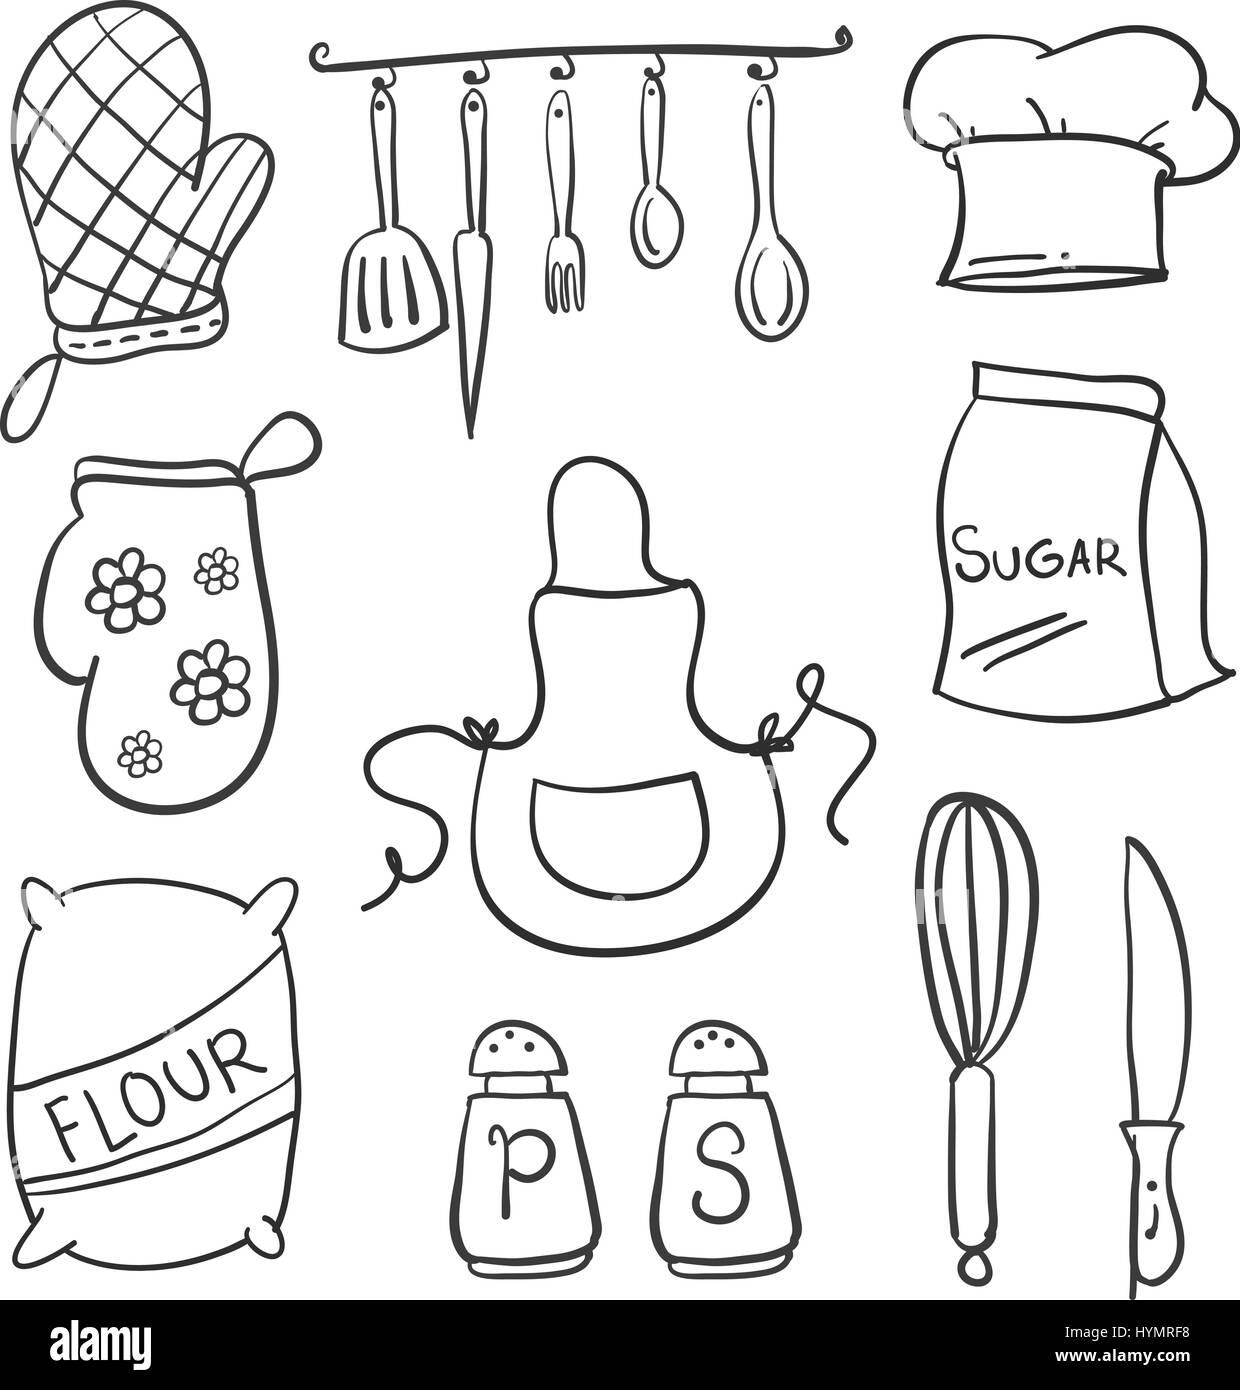 Gemütlich Junge Kücheset Bilder - Ideen Für Die Küche Dekoration ...